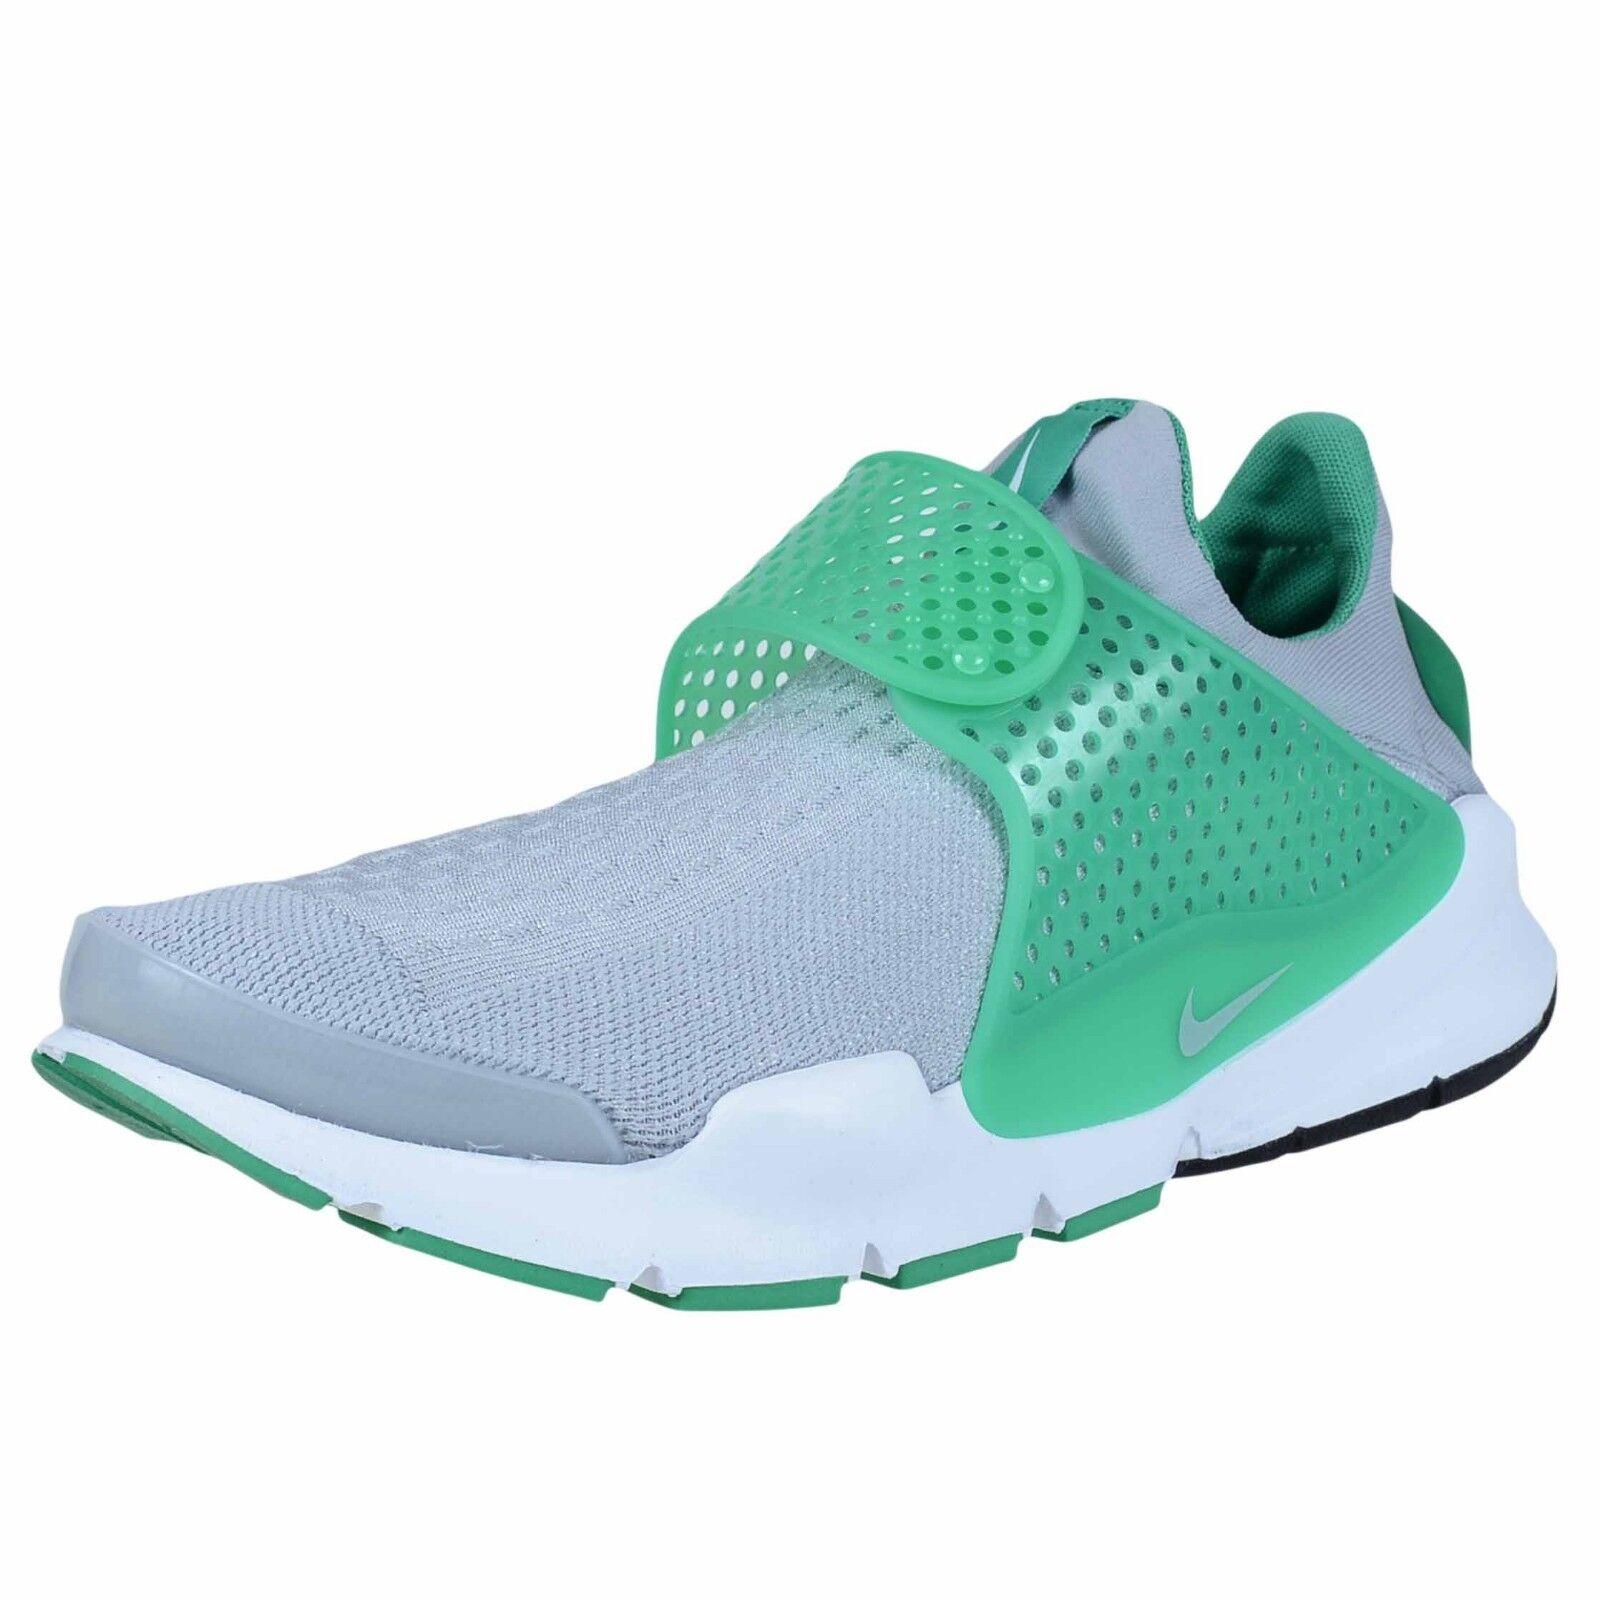 Nike sock dardo kjcrd lupo grigio / lupo grigio delle scarpe casual 819686 004